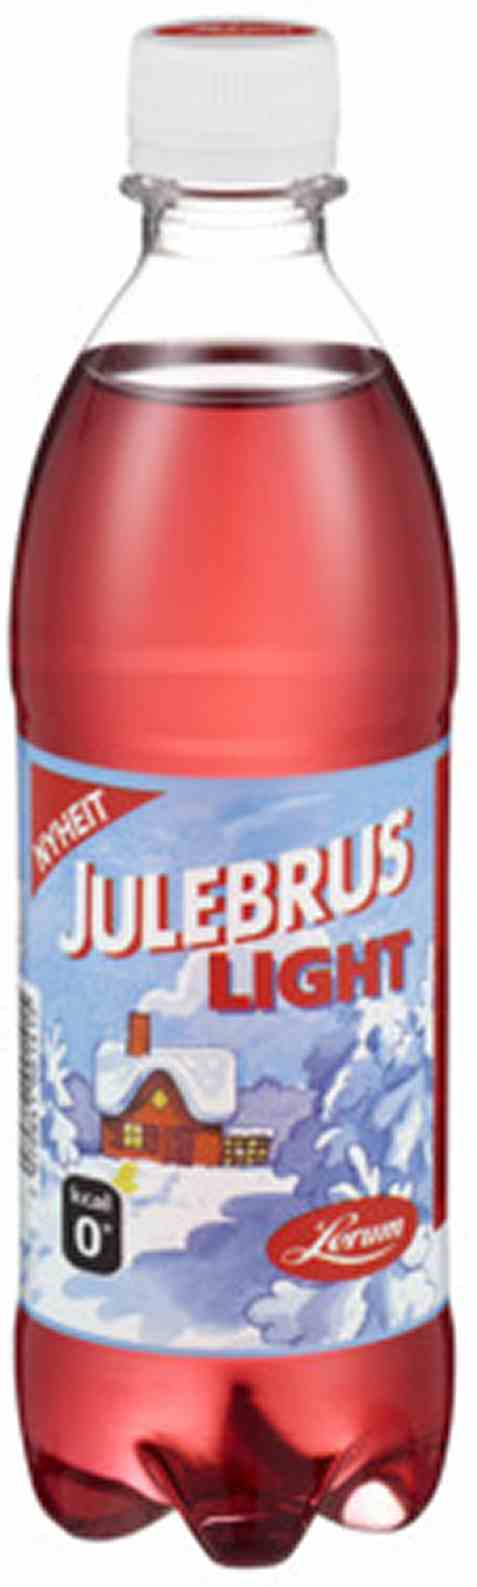 Bilde av Lerum julebrus light.